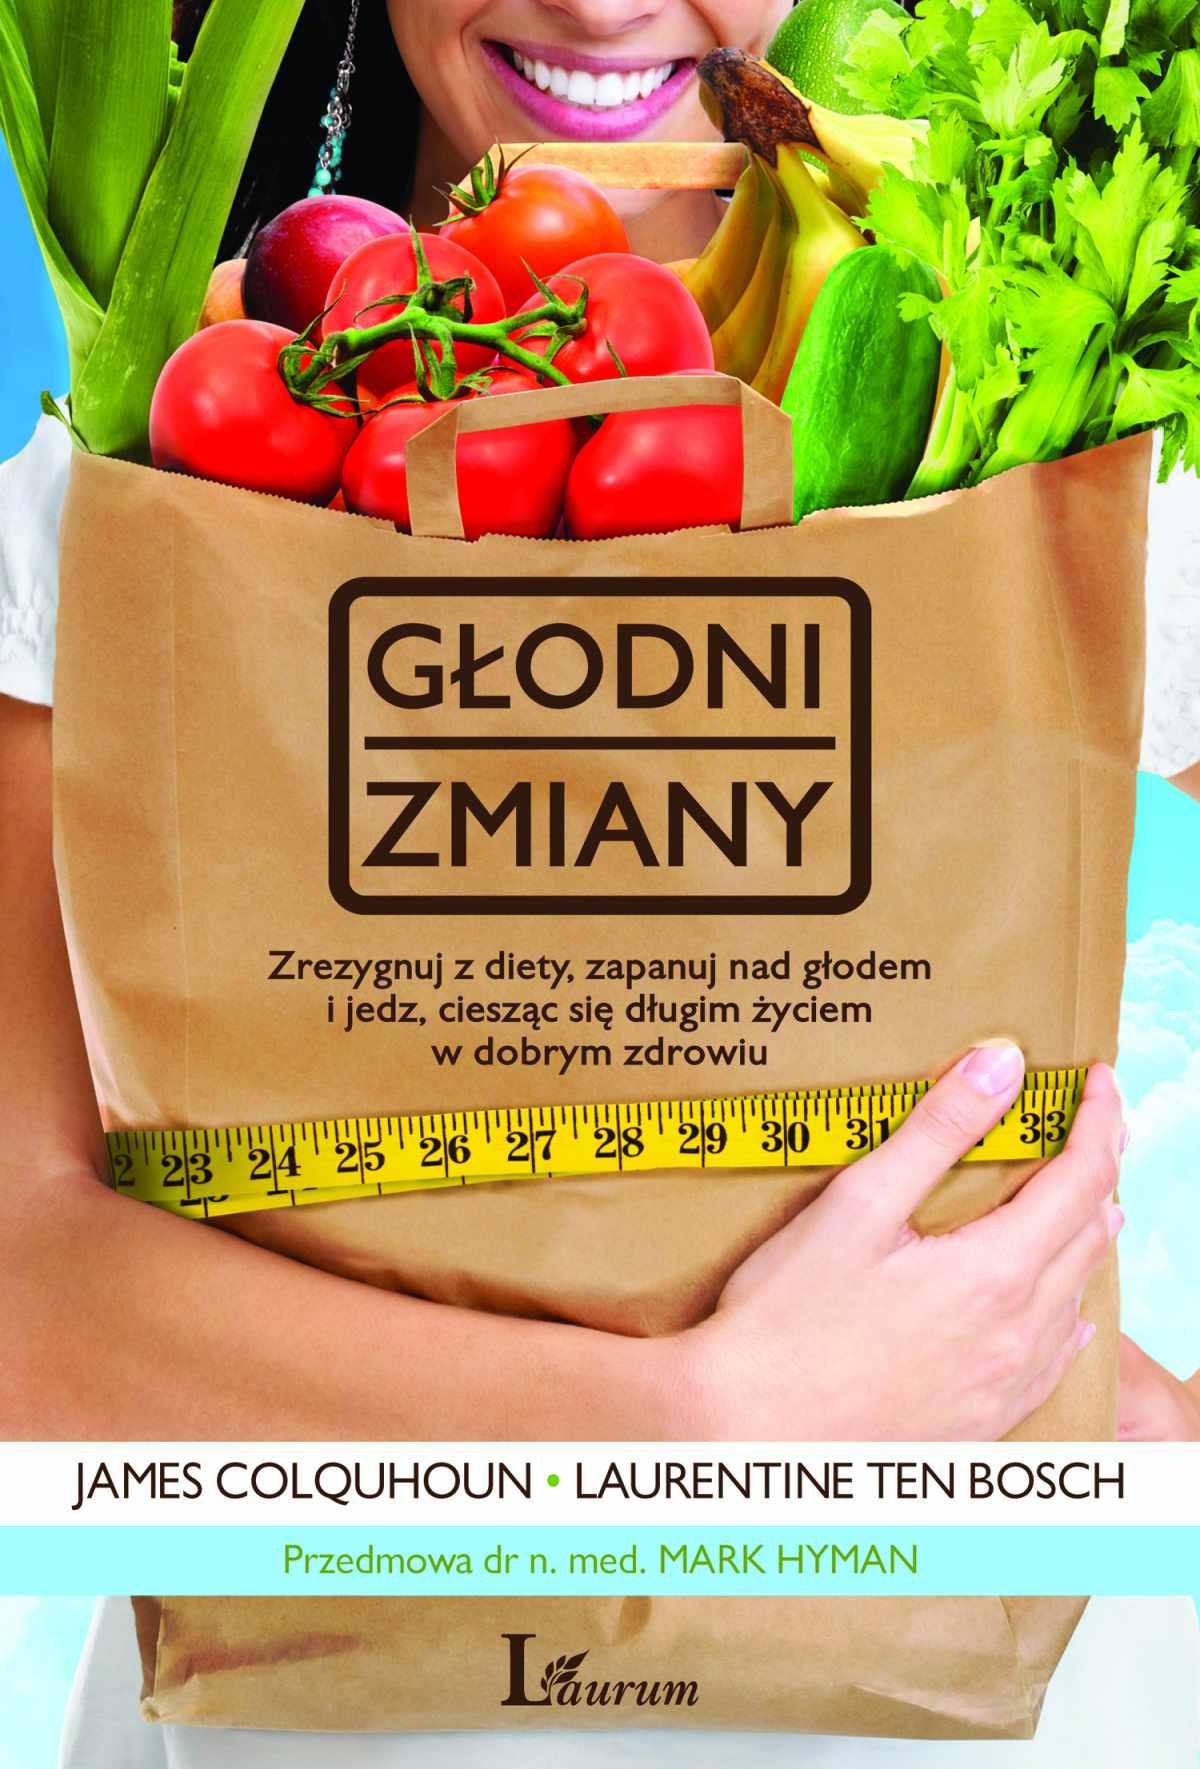 Głodni zmiany - Ebook (Książka na Kindle) do pobrania w formacie MOBI